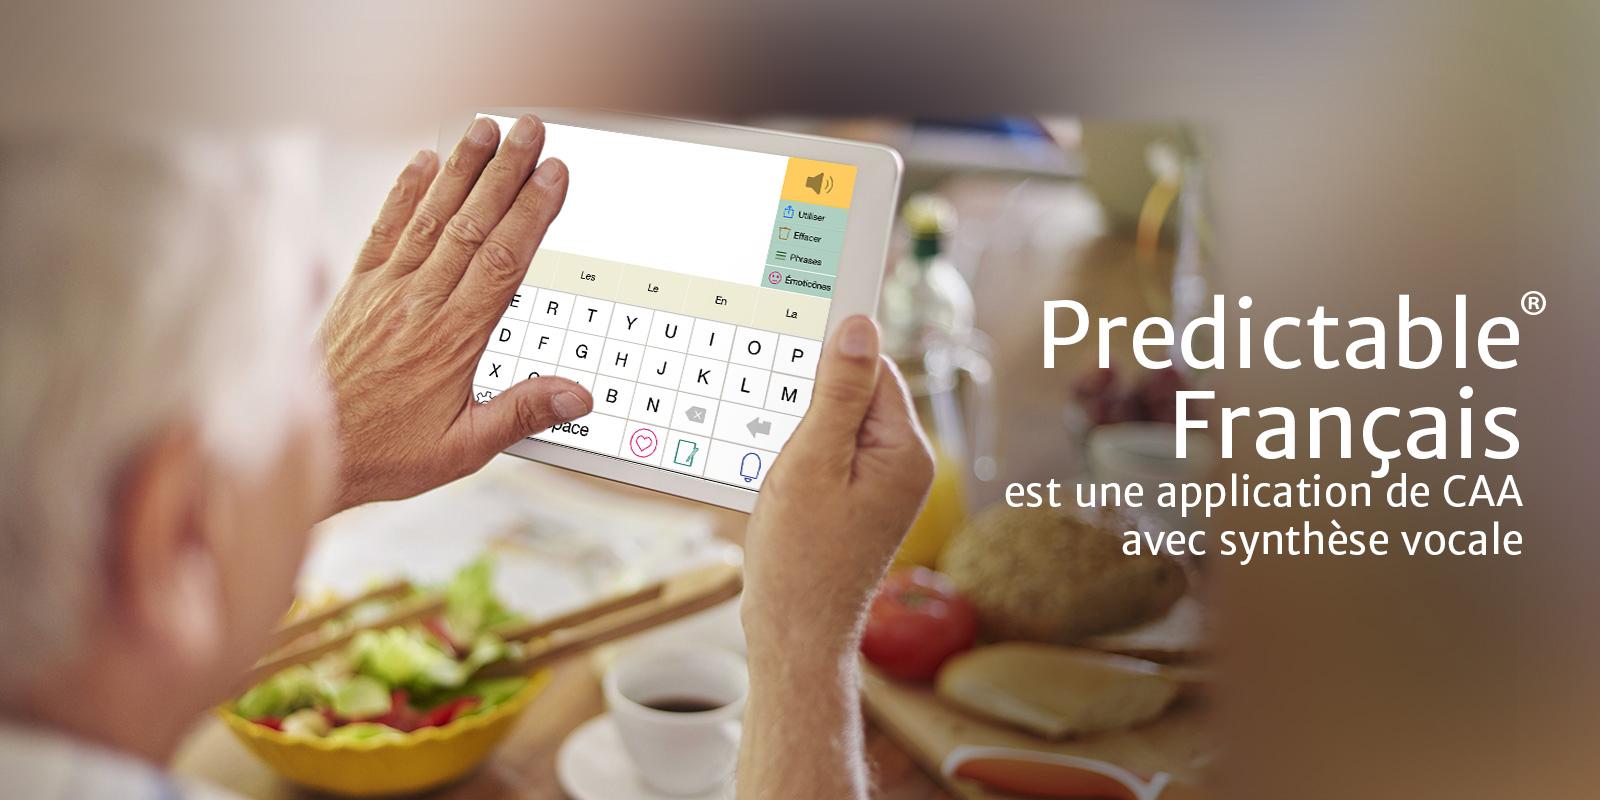 Predictable® est une application de CAA avec synthèse vocale